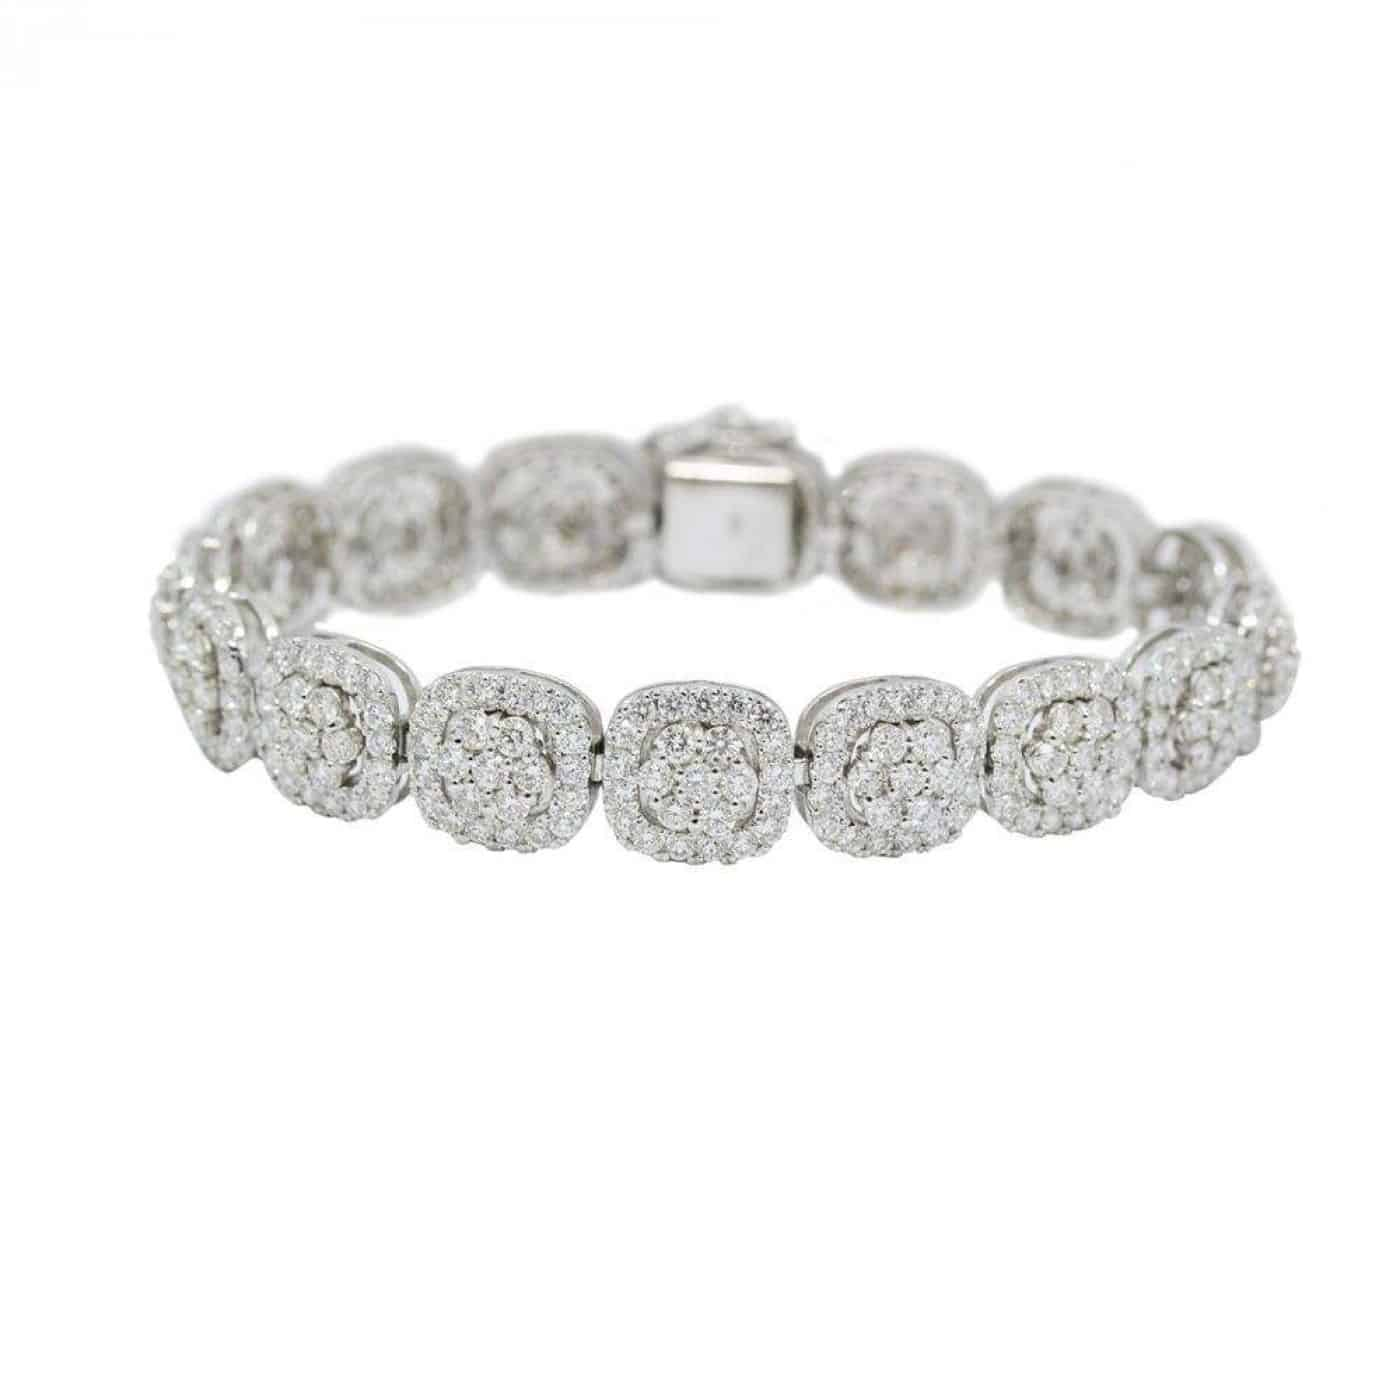 White Gold Cluster Diamond Bracelet